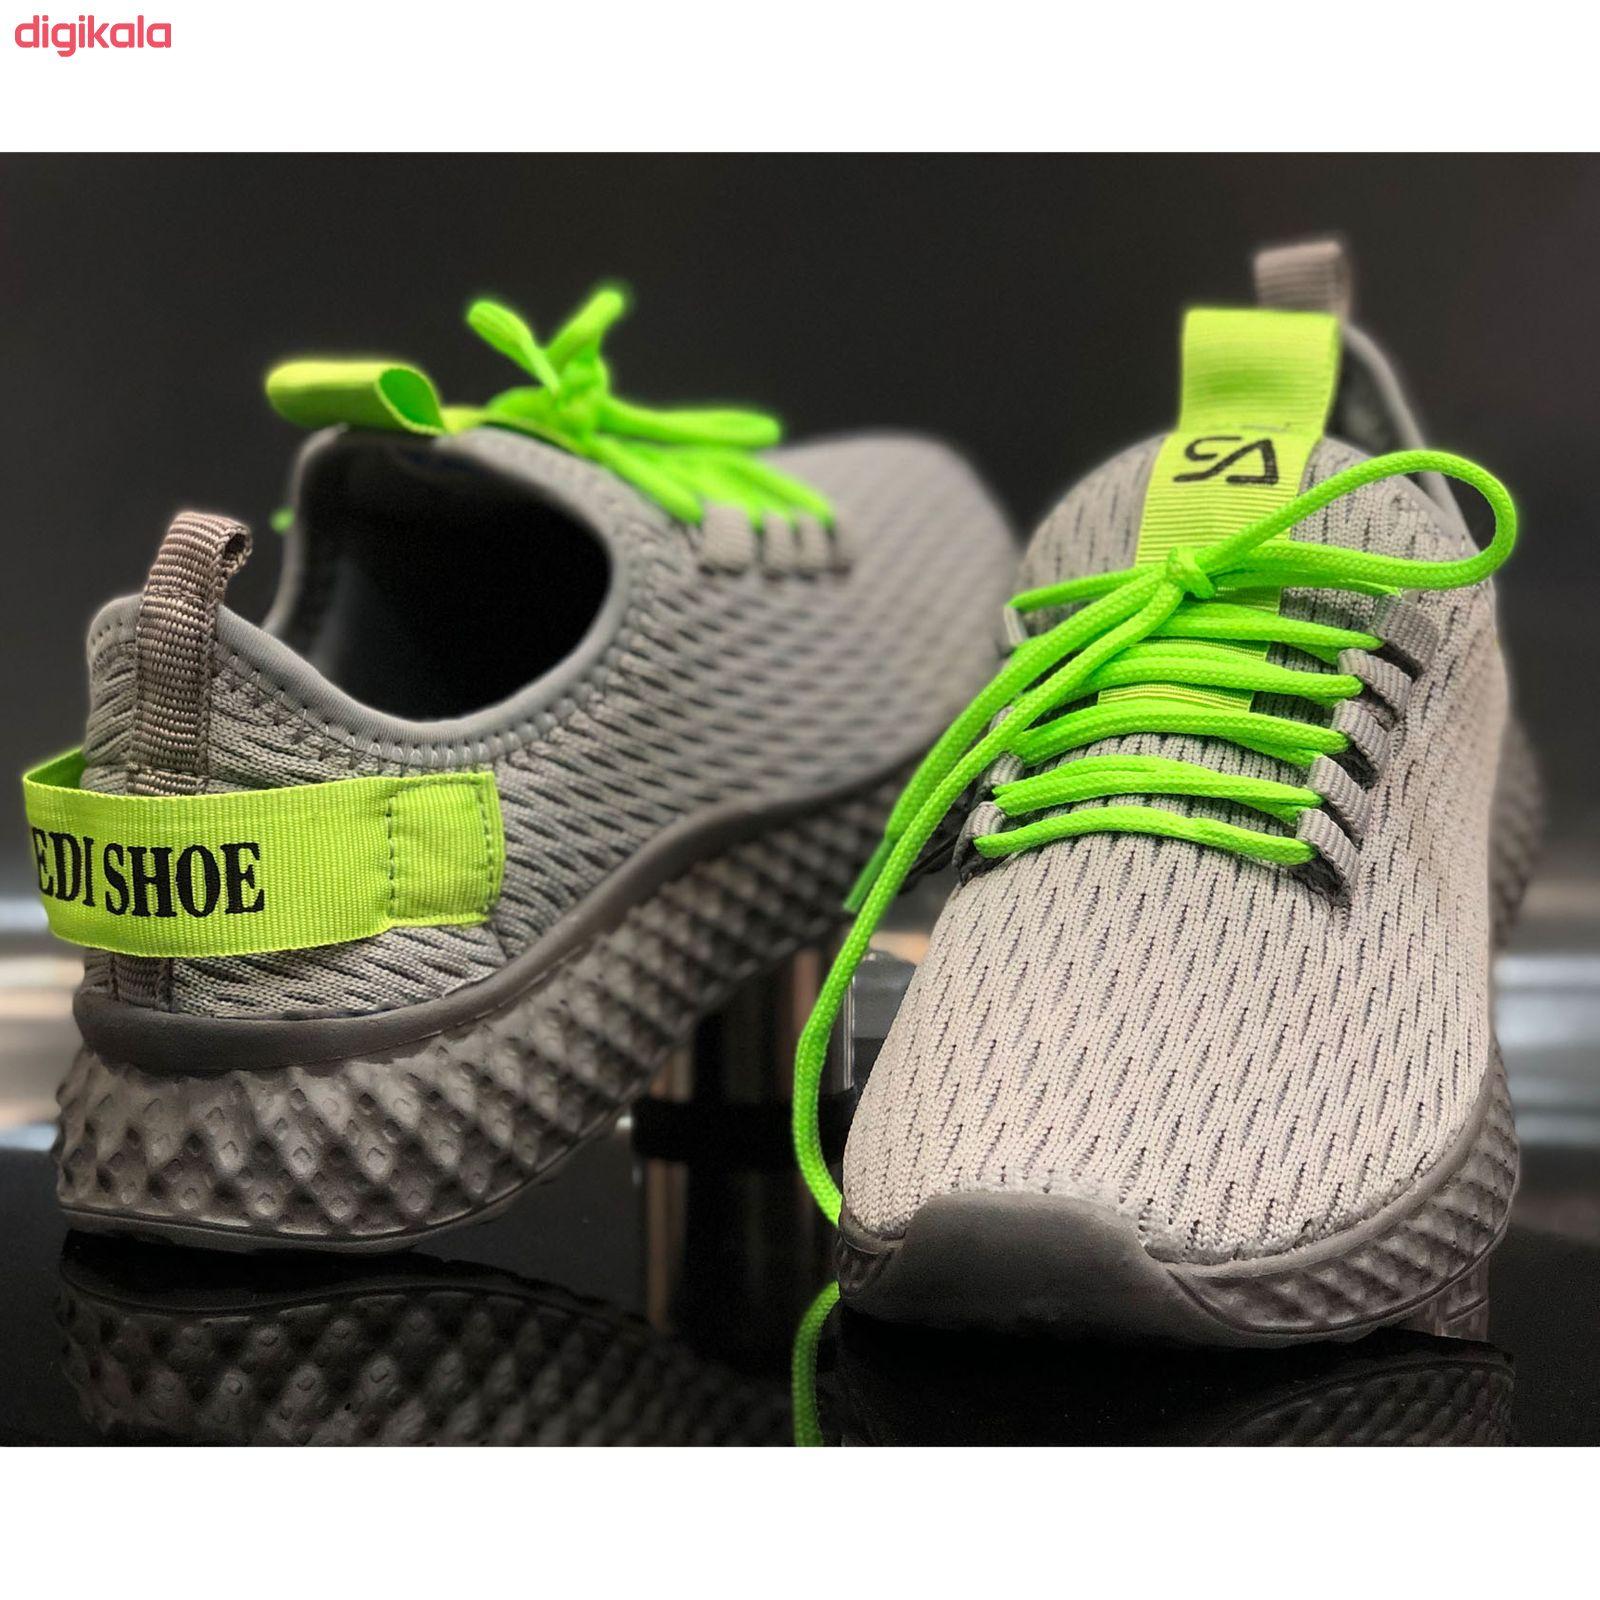 کفش اسکیت برد کفش سعیدی مدل Sa 8000 main 1 3